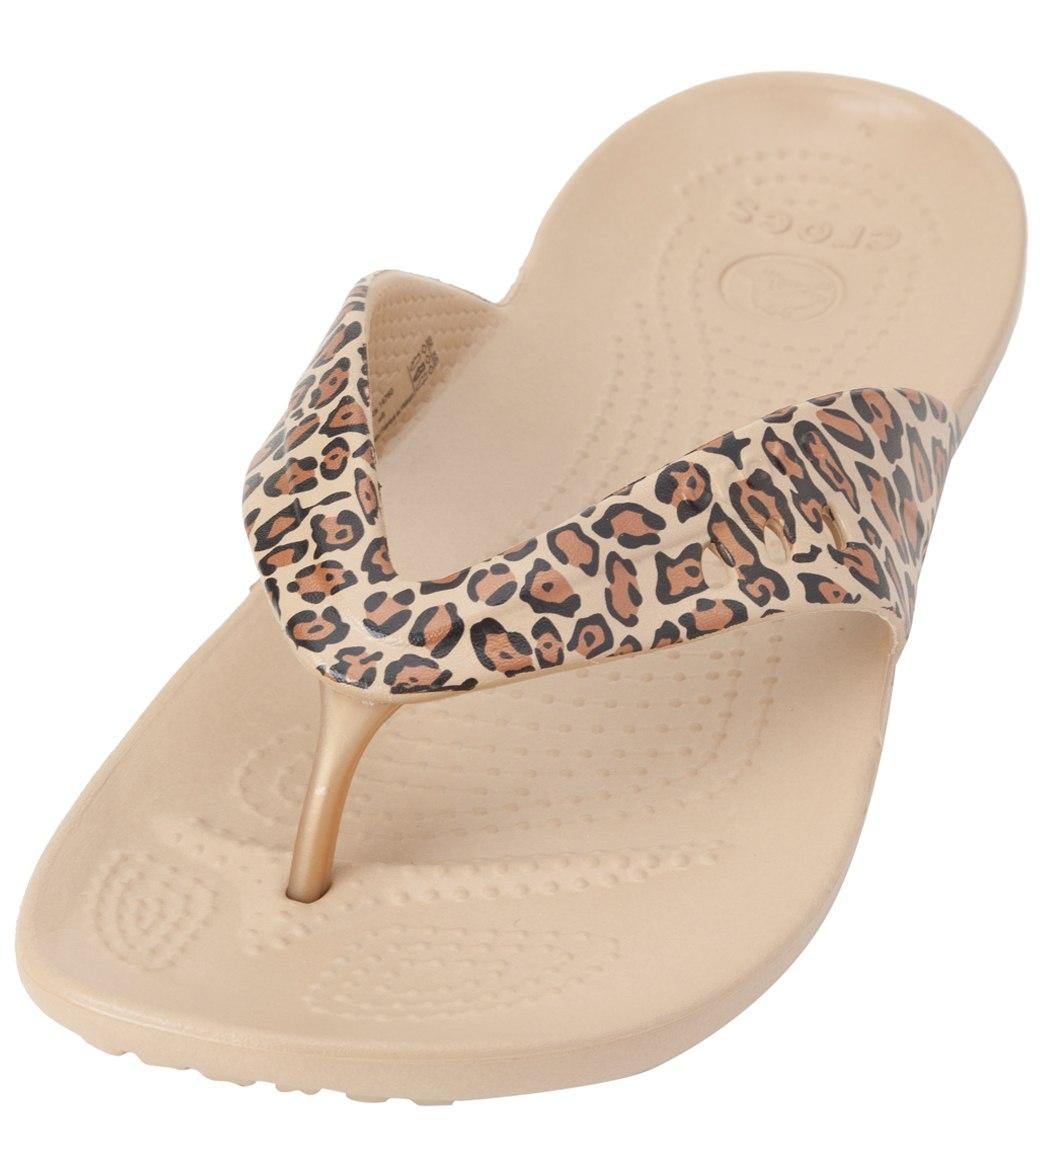 af502e01bb7 Crocs Women s Kaddee Leopard Print Flip Flop at SwimOutlet.com